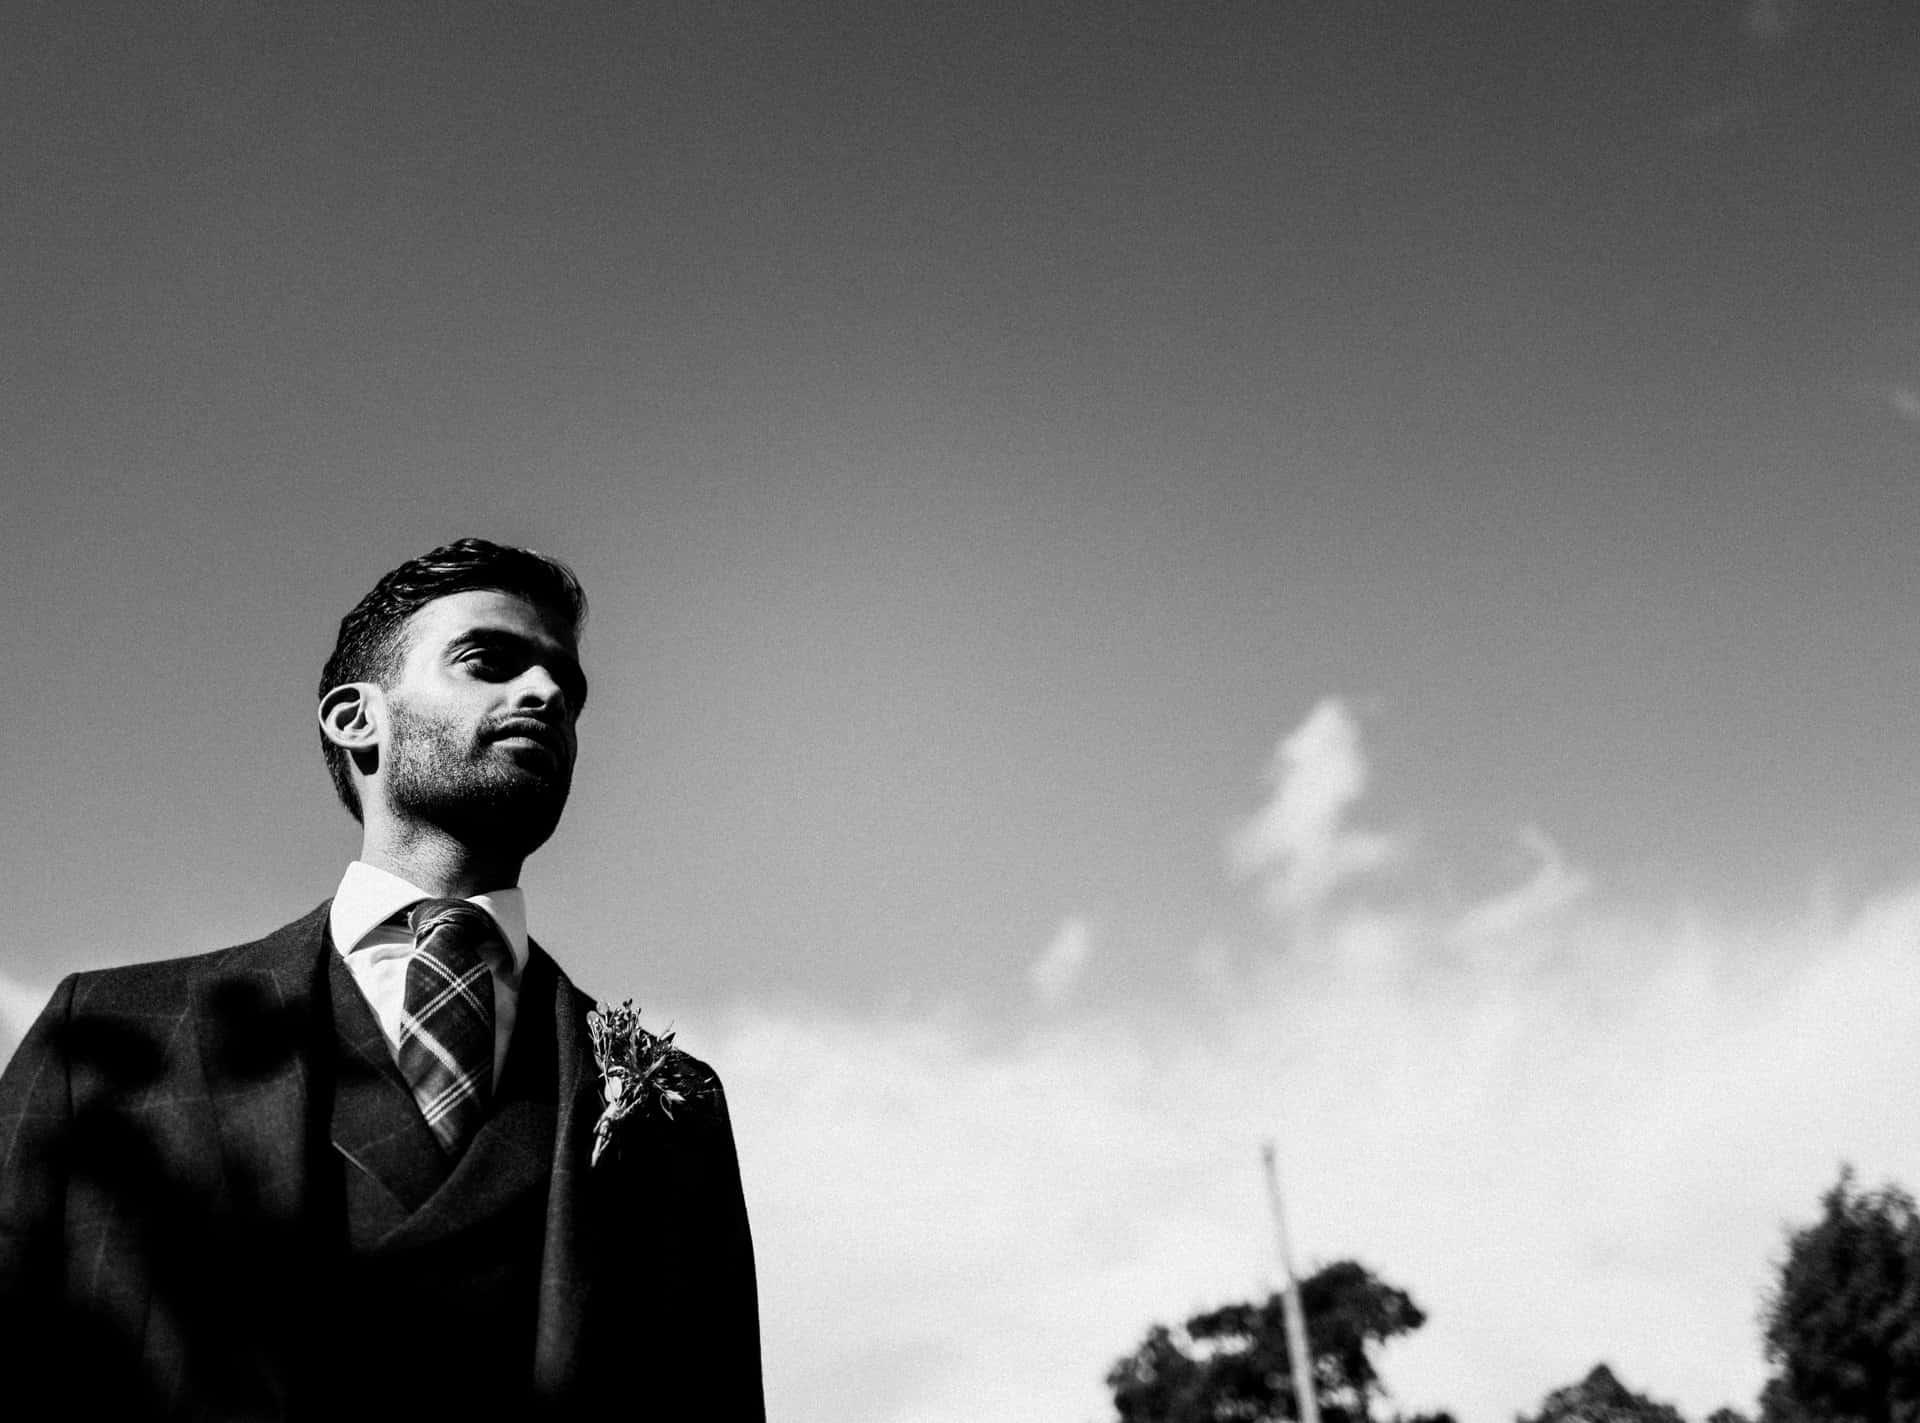 black and white portrait shot